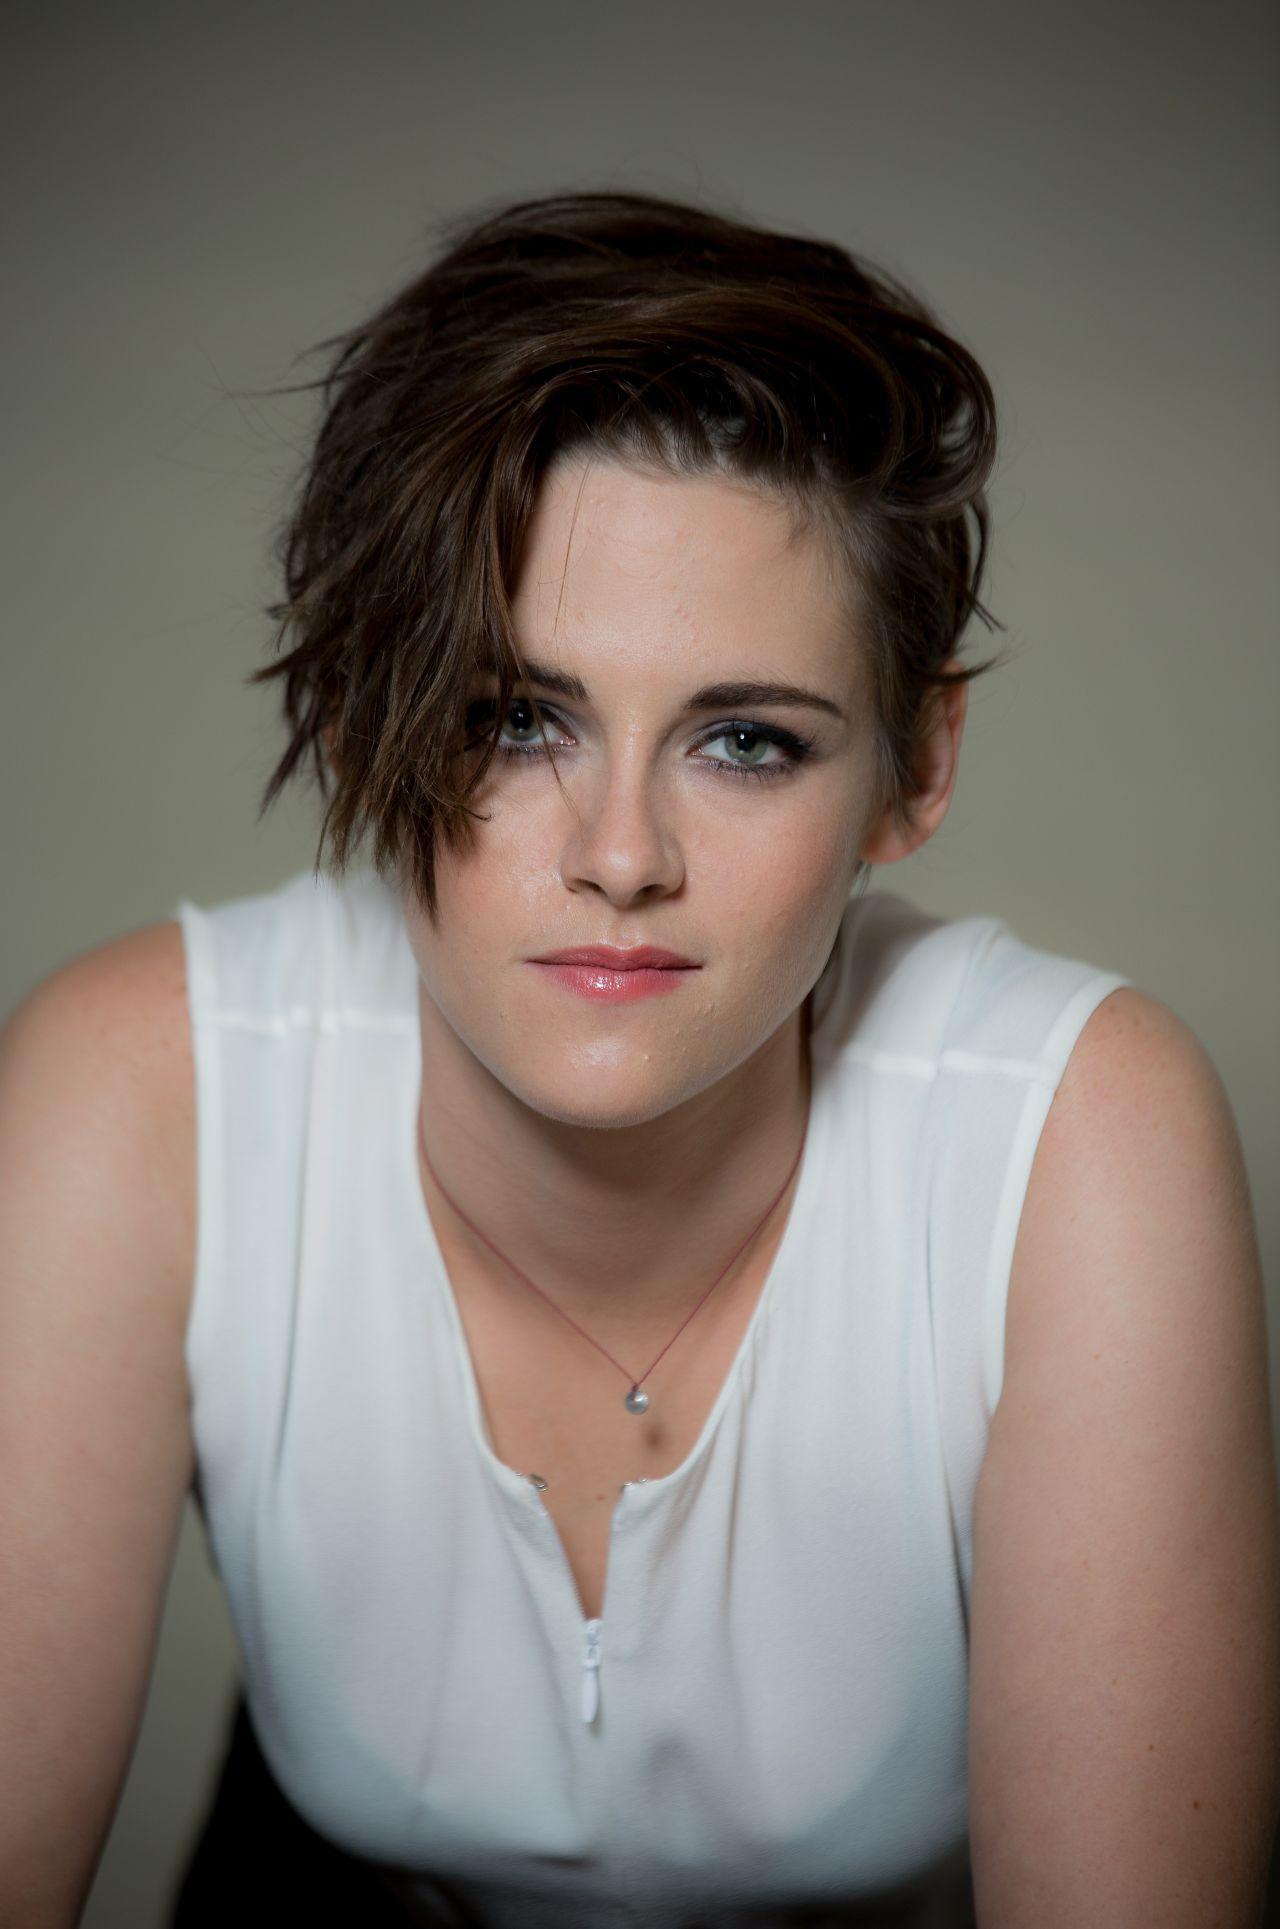 Kristen stewart usa today portraits 2014 for The stewarts